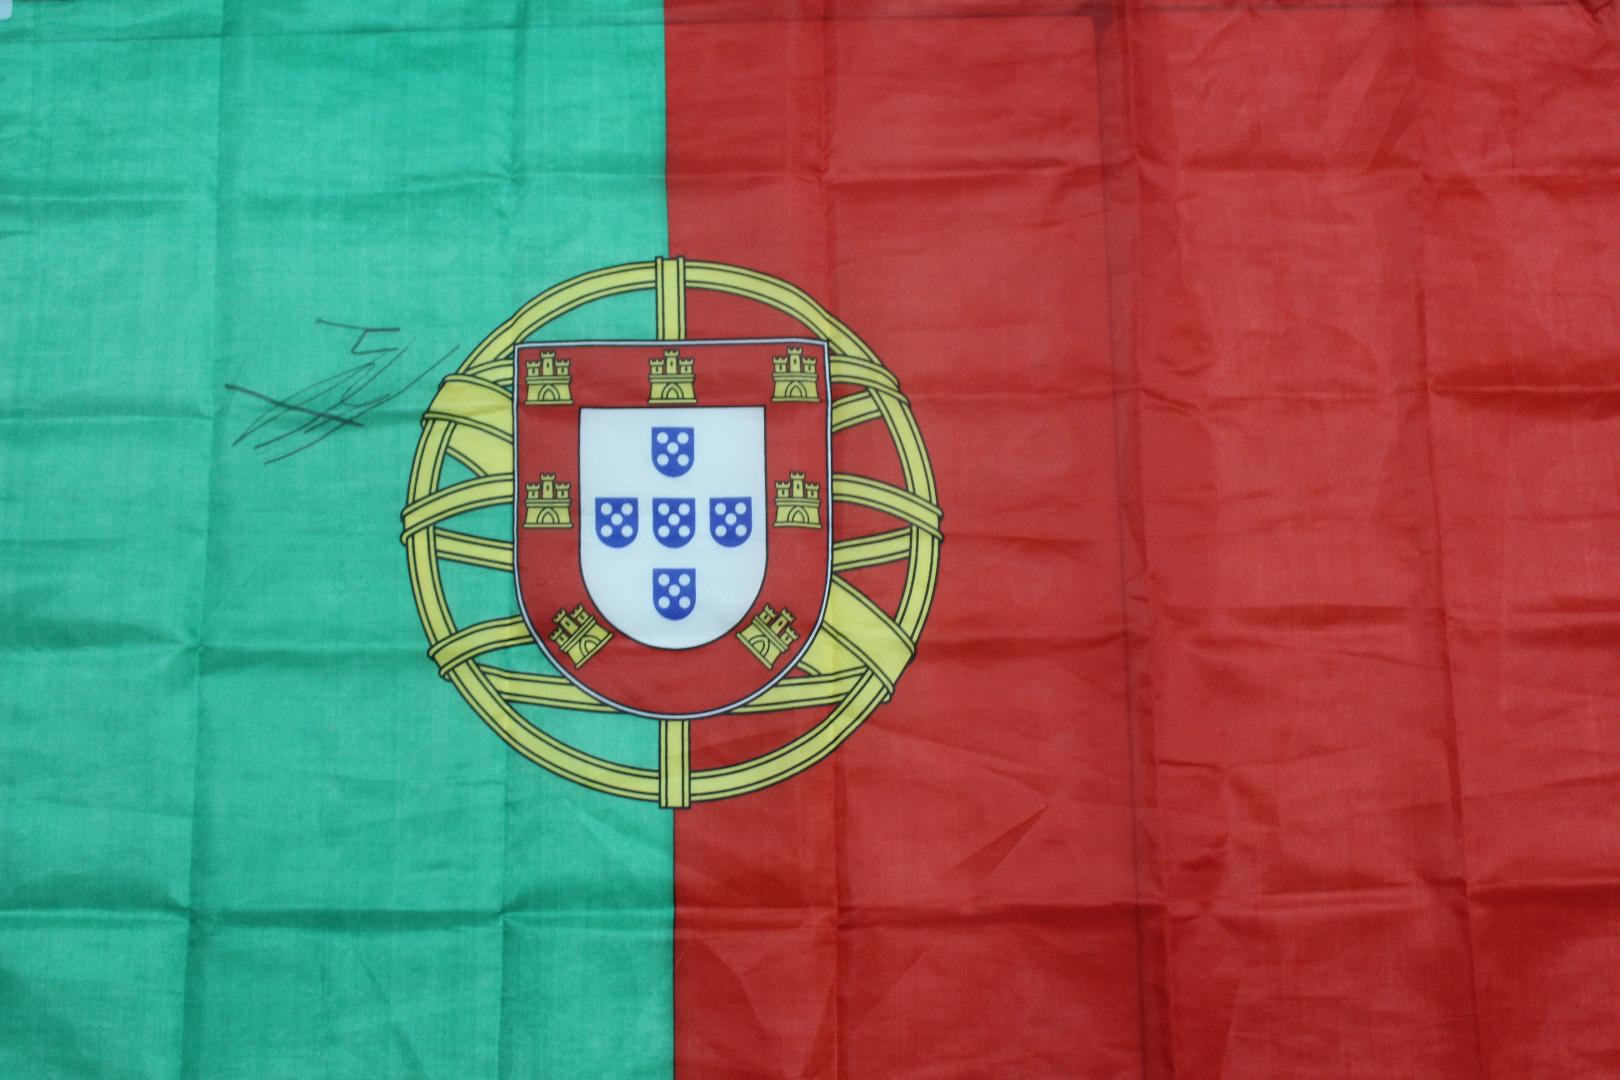 Bandeira nacional autografada por José Fonte